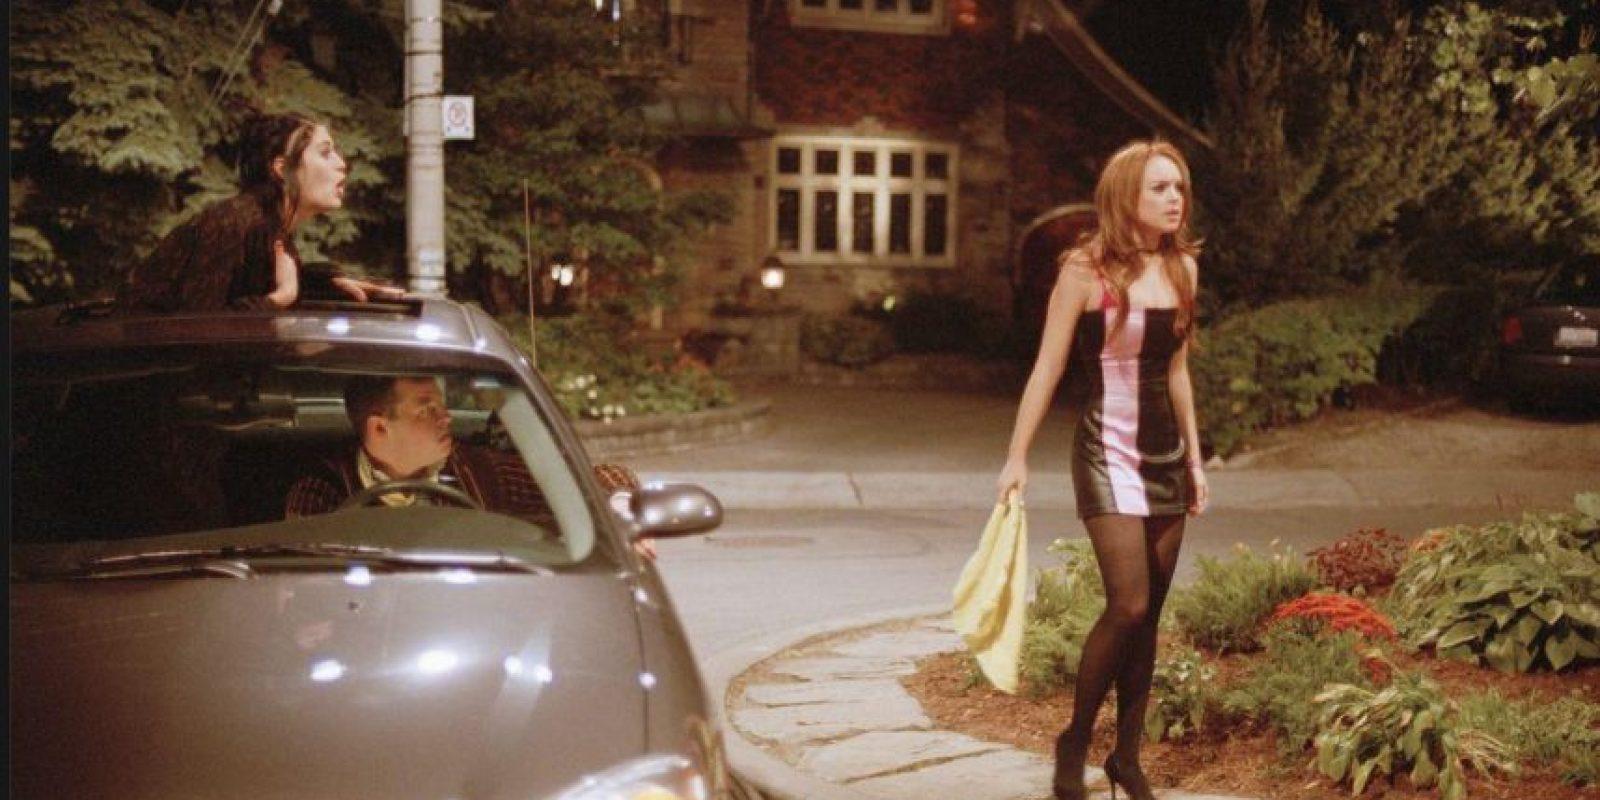 Dirigida por Mark Waters en 2004 Foto:Facebook Mean Girls